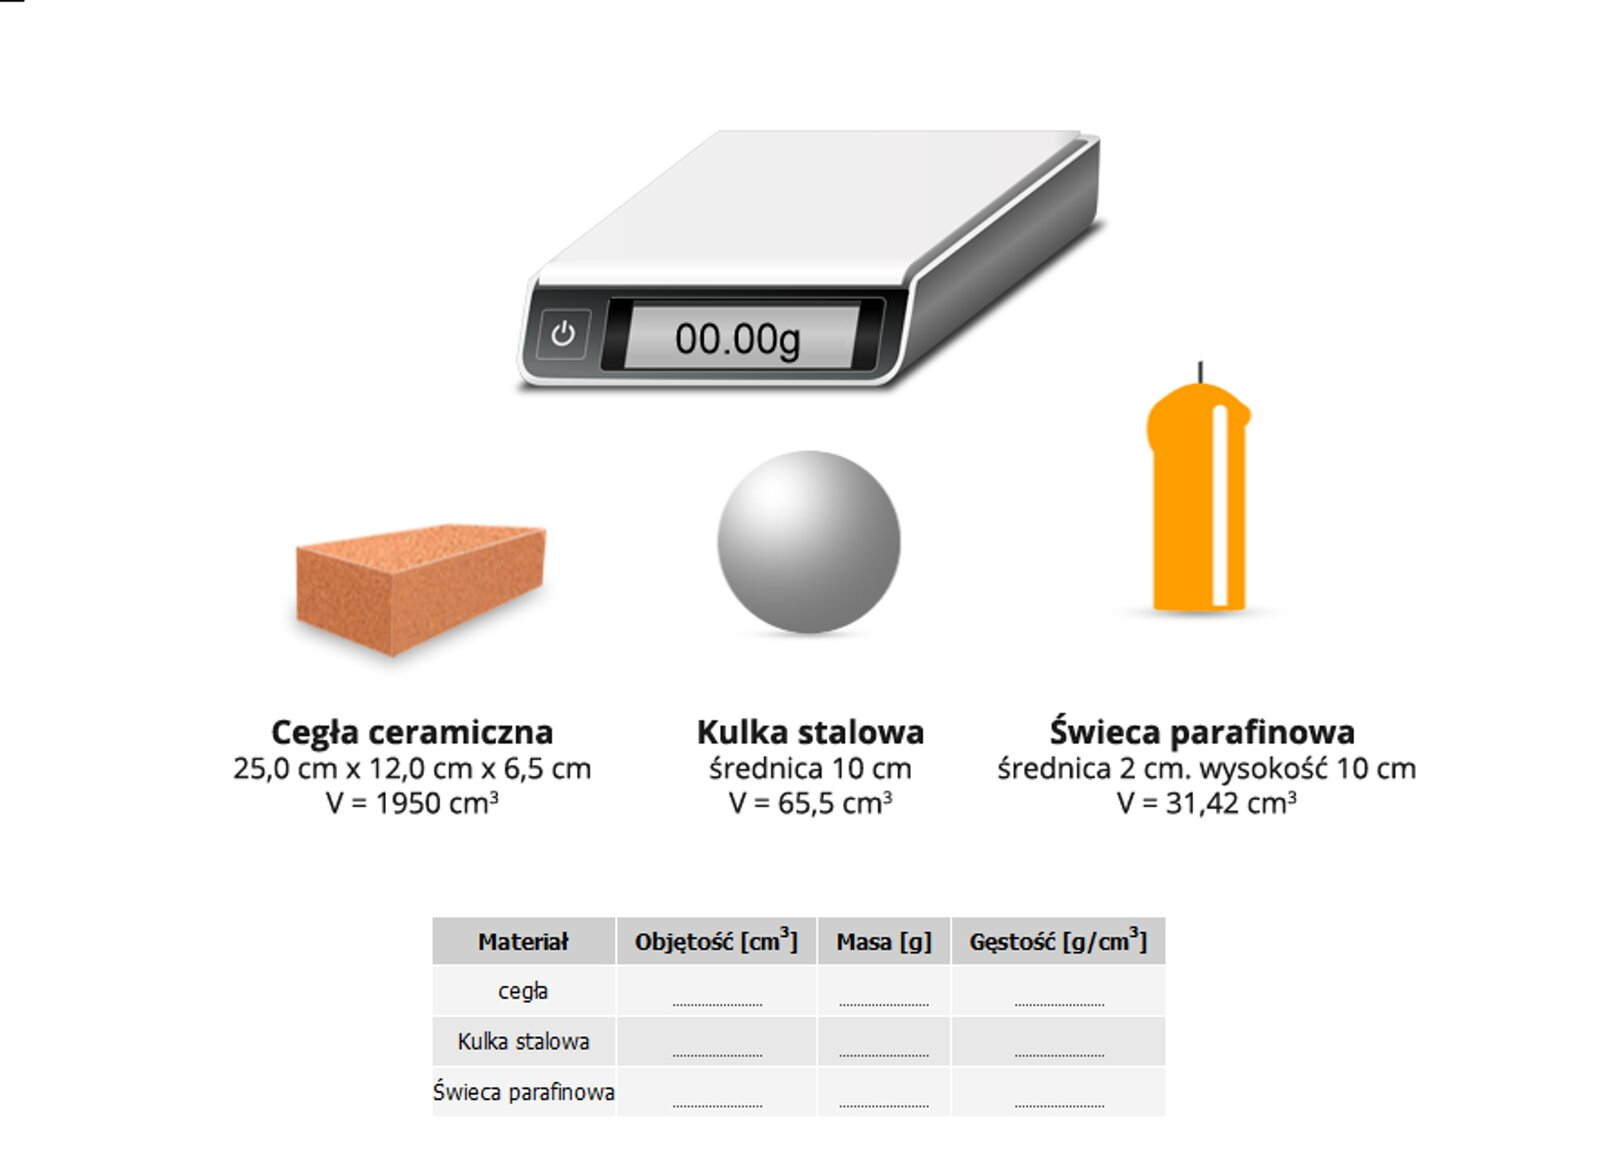 """Symulacja umożliwia dokonanie pomiaru gęstości ciał oregularnych kształtach. Aplikacja wyświetla wagę zcyfrowym wskaźnikiem masy ciała. Masa mierzona jest wgramach zdokładnością do dwóch miejsc po przecinku. Na dole znajdują się trzy przedmioty: cegła ceramiczna, kulka stalowa oraz świeca parafinowa. Każdy zprzedmiotów ma podane wymiary oraz objętość. Objętość cegły to 1950 centymetrów sześciennych. Objętość kulki to 65,5 centymetrów sześciennych. Objętość świecy to to 31,42 centymetrów sześciennych. Za pomocą kursora myszy można każdy ztych przedmiotów """"położyć"""" na wadze, by odczytać jego masę. Masa cegły wynosi 3200,00 gramów. Masa kulki wynosi 514,15 gramów. Masa świecy wynosi 29,00 gramów."""